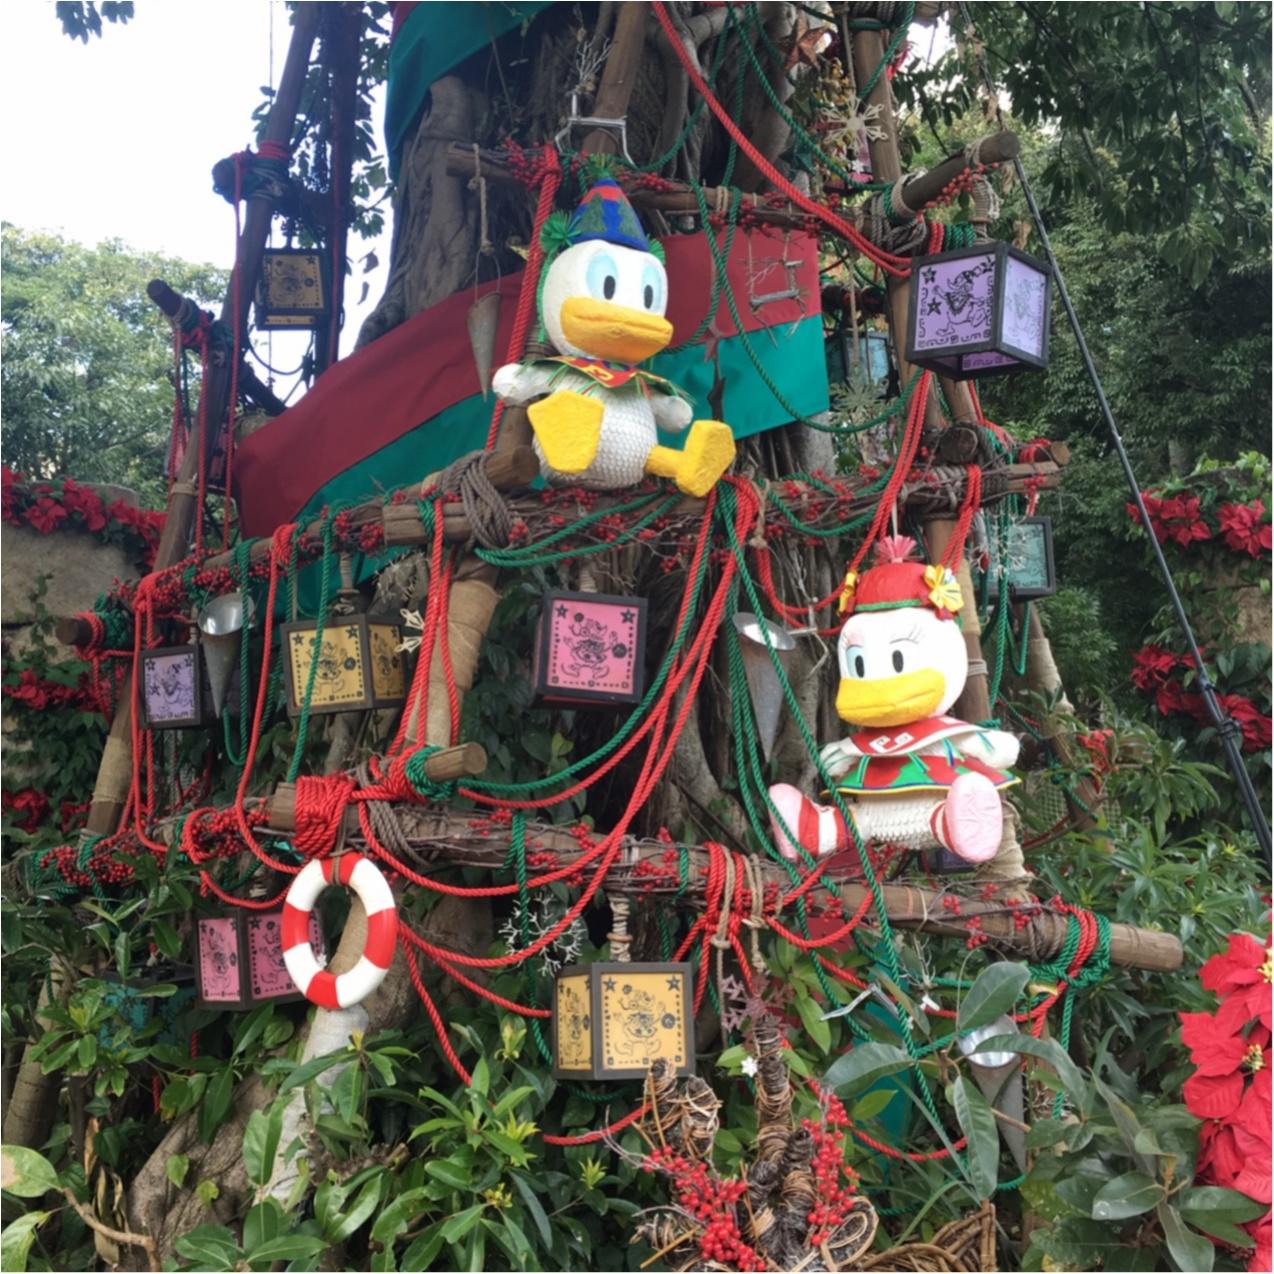 Xmasディズニー♡ 撮りたくなる!私のおすすめクリスマススポットをまとめ♪_4